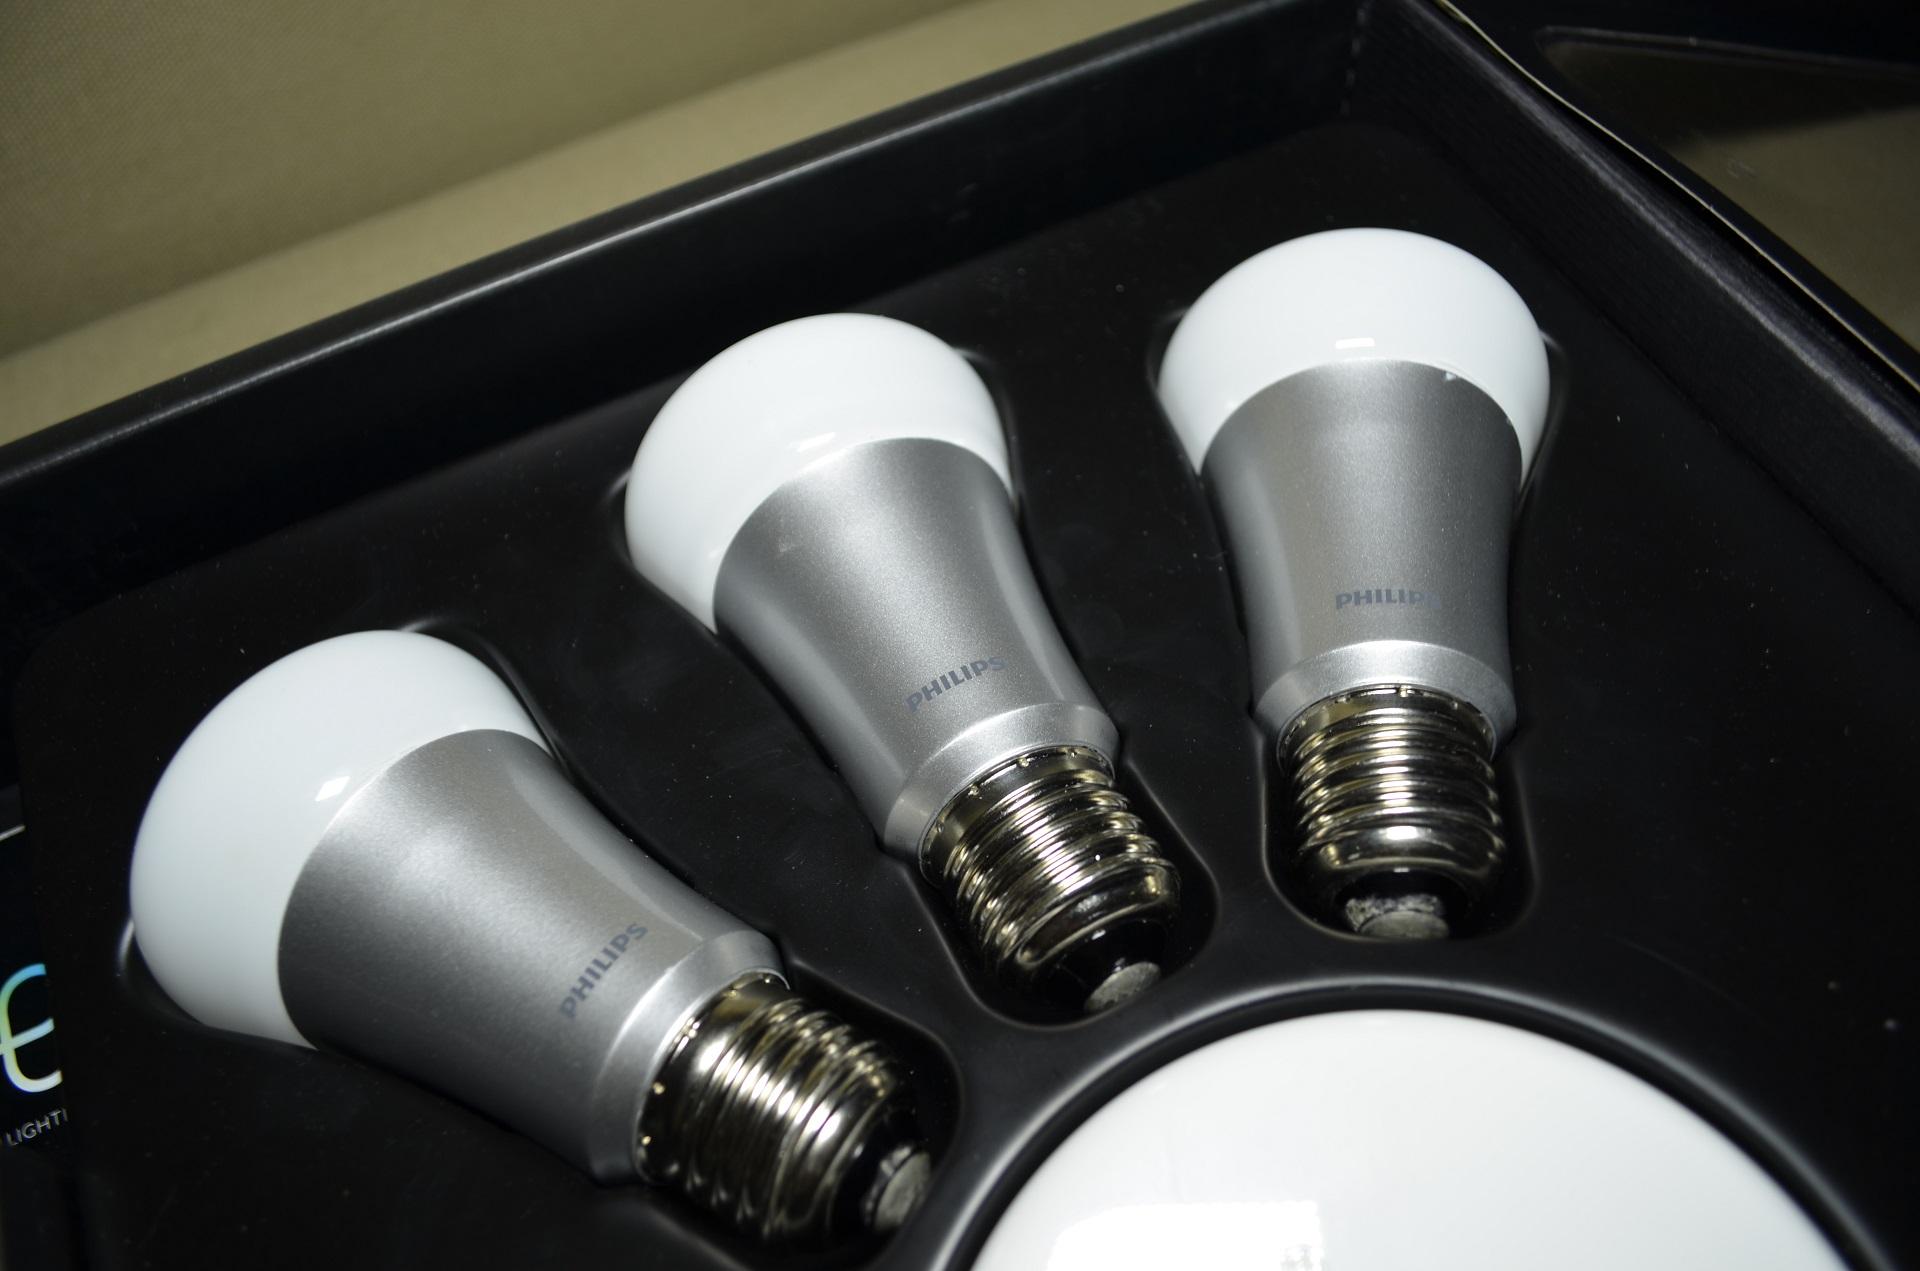 test philips hue une ampoule pour vous servir le caf du geek. Black Bedroom Furniture Sets. Home Design Ideas